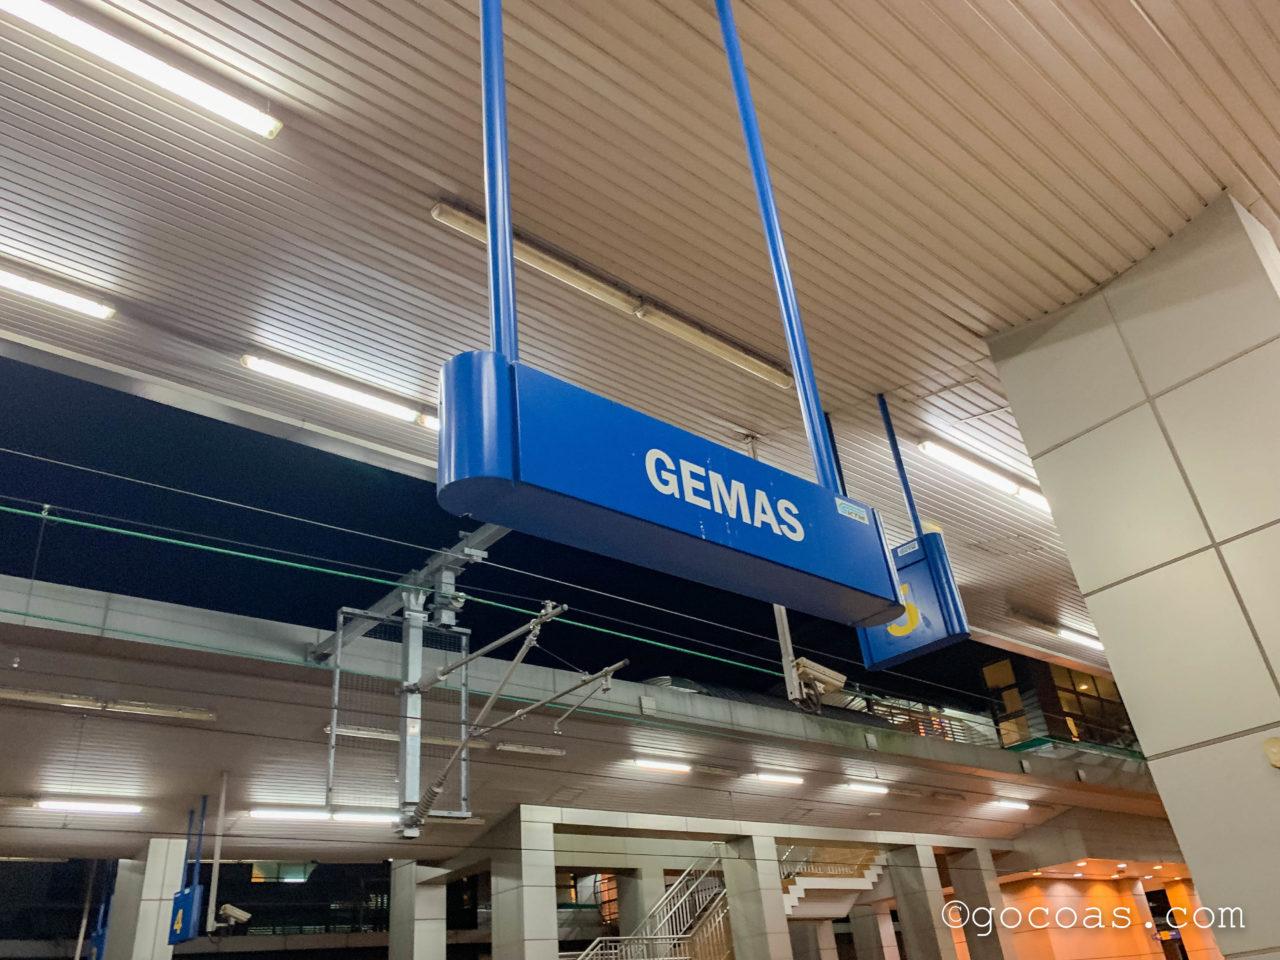 マレー鉄道のGEMAS駅の看板